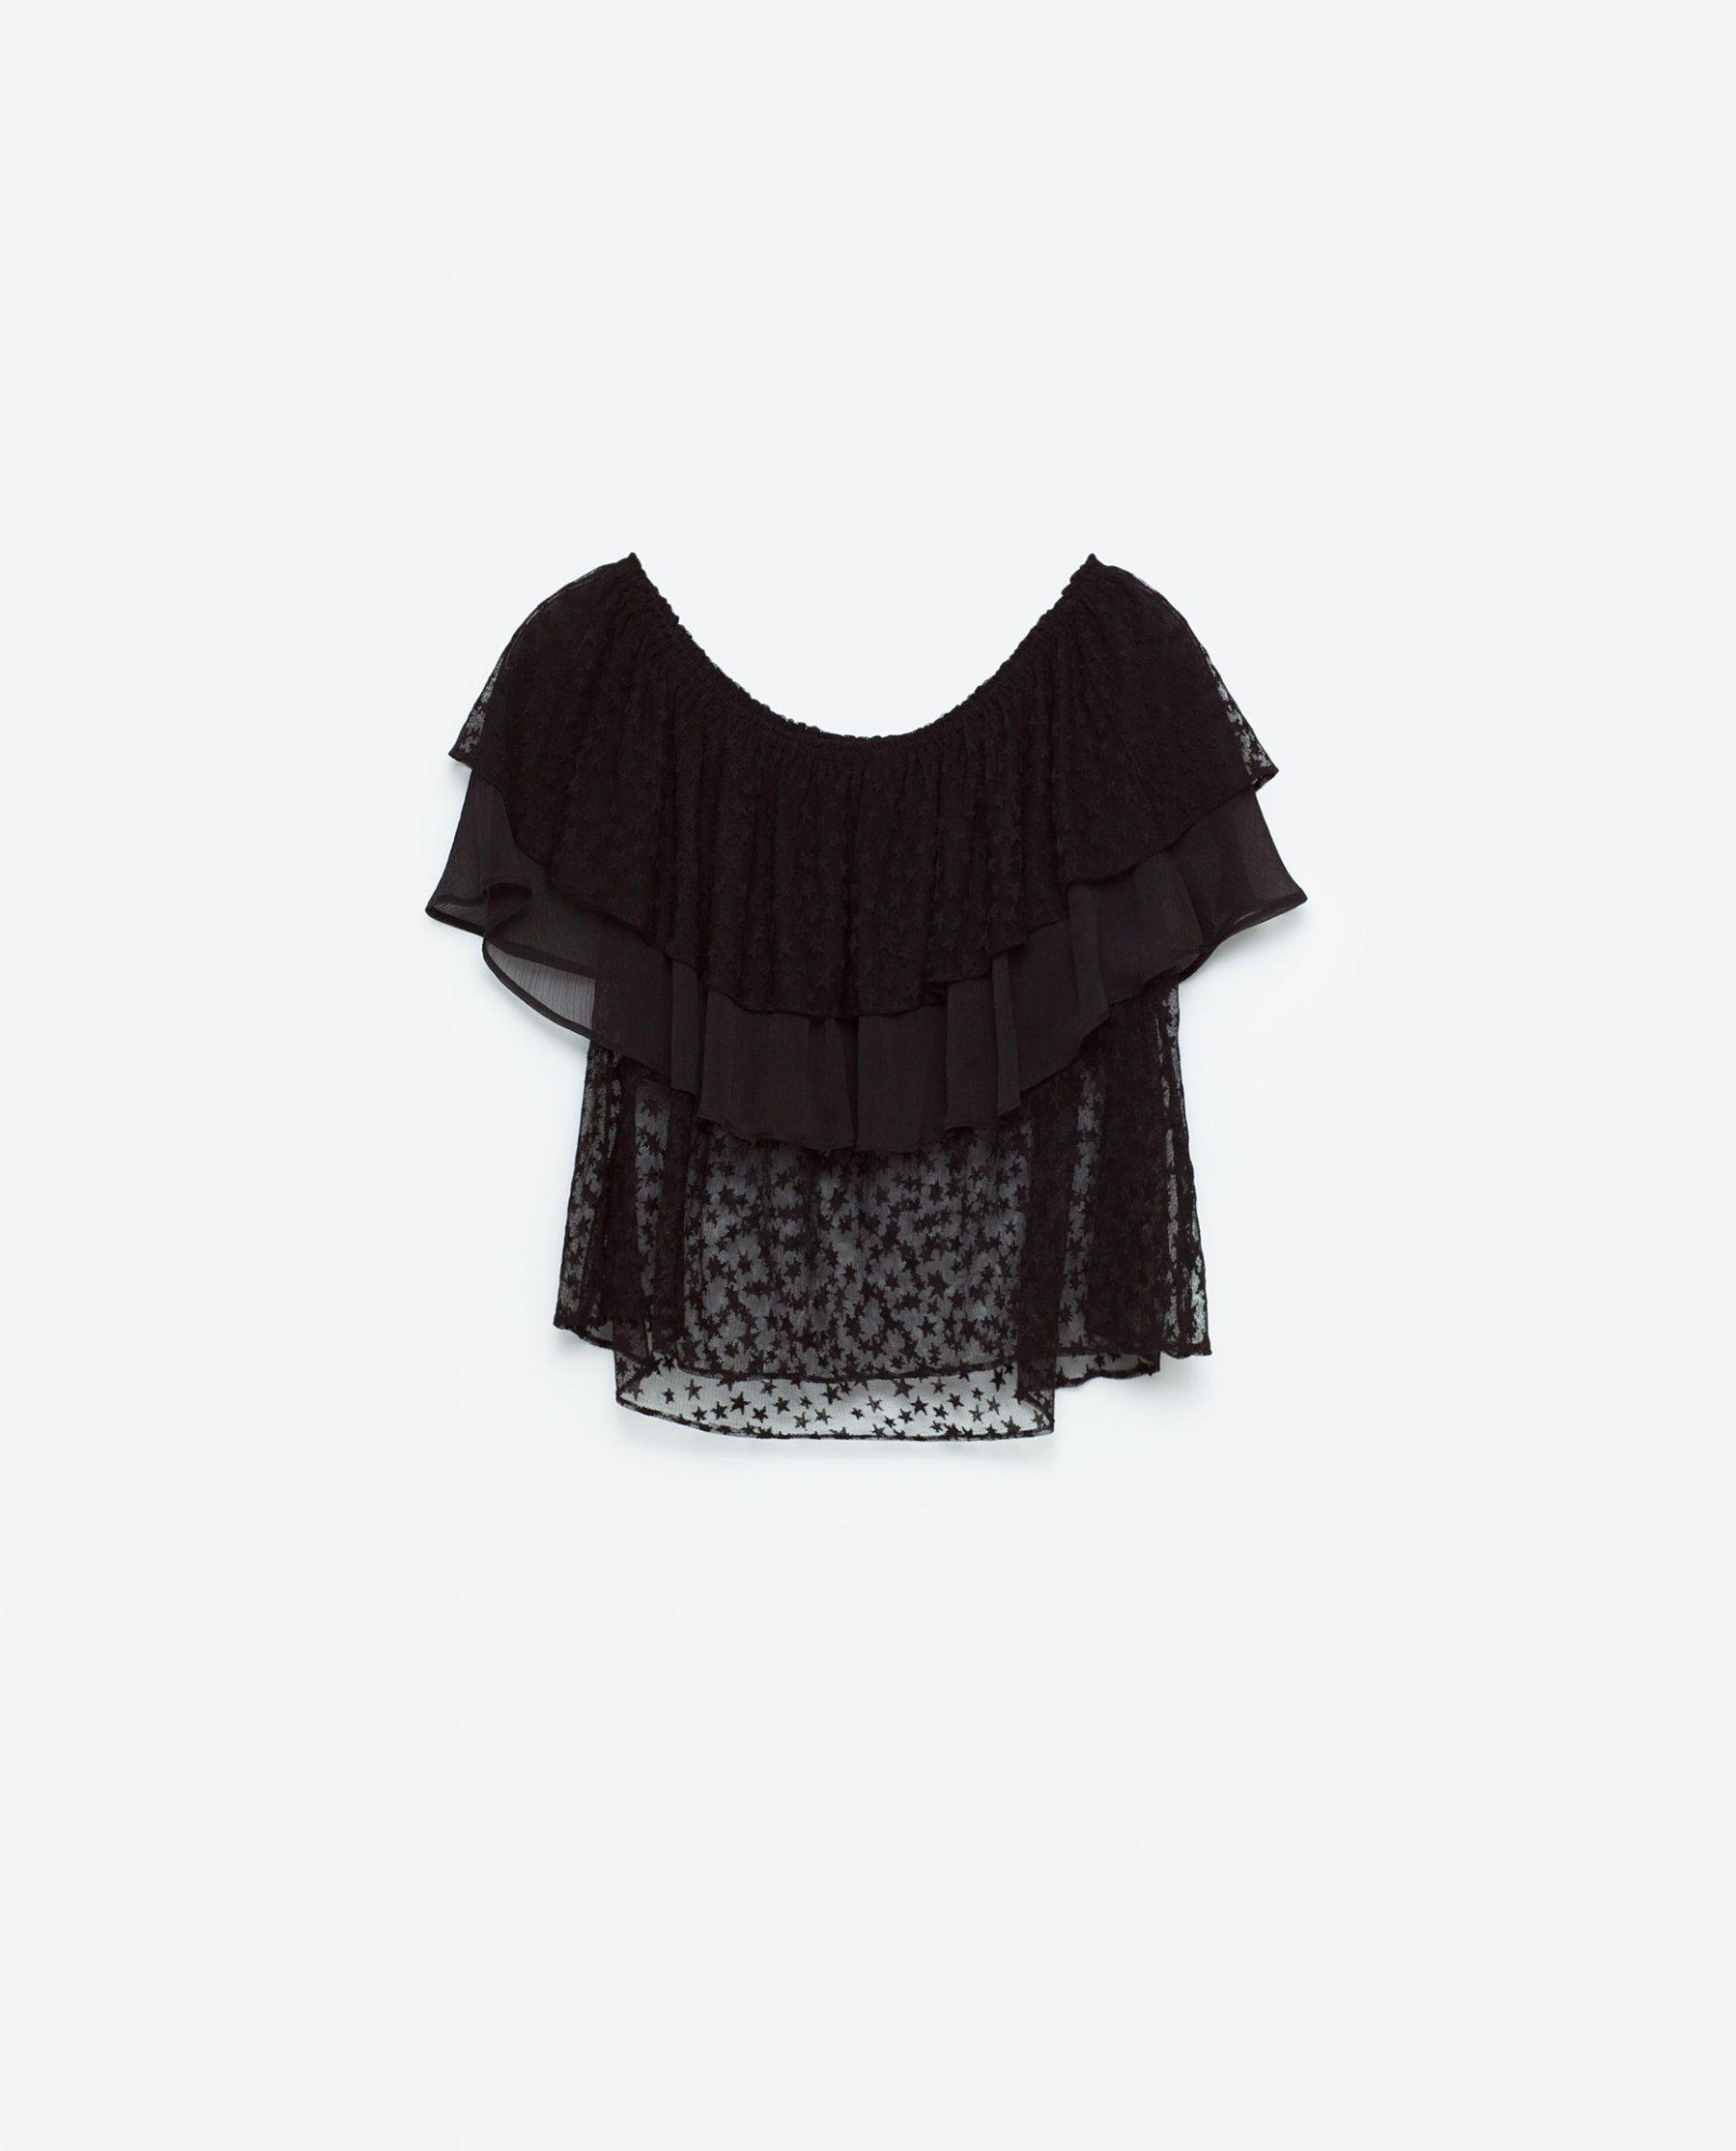 Zara collection hiver   35 pièces à shopper pour l hiver !   mode ... 5799481fde47